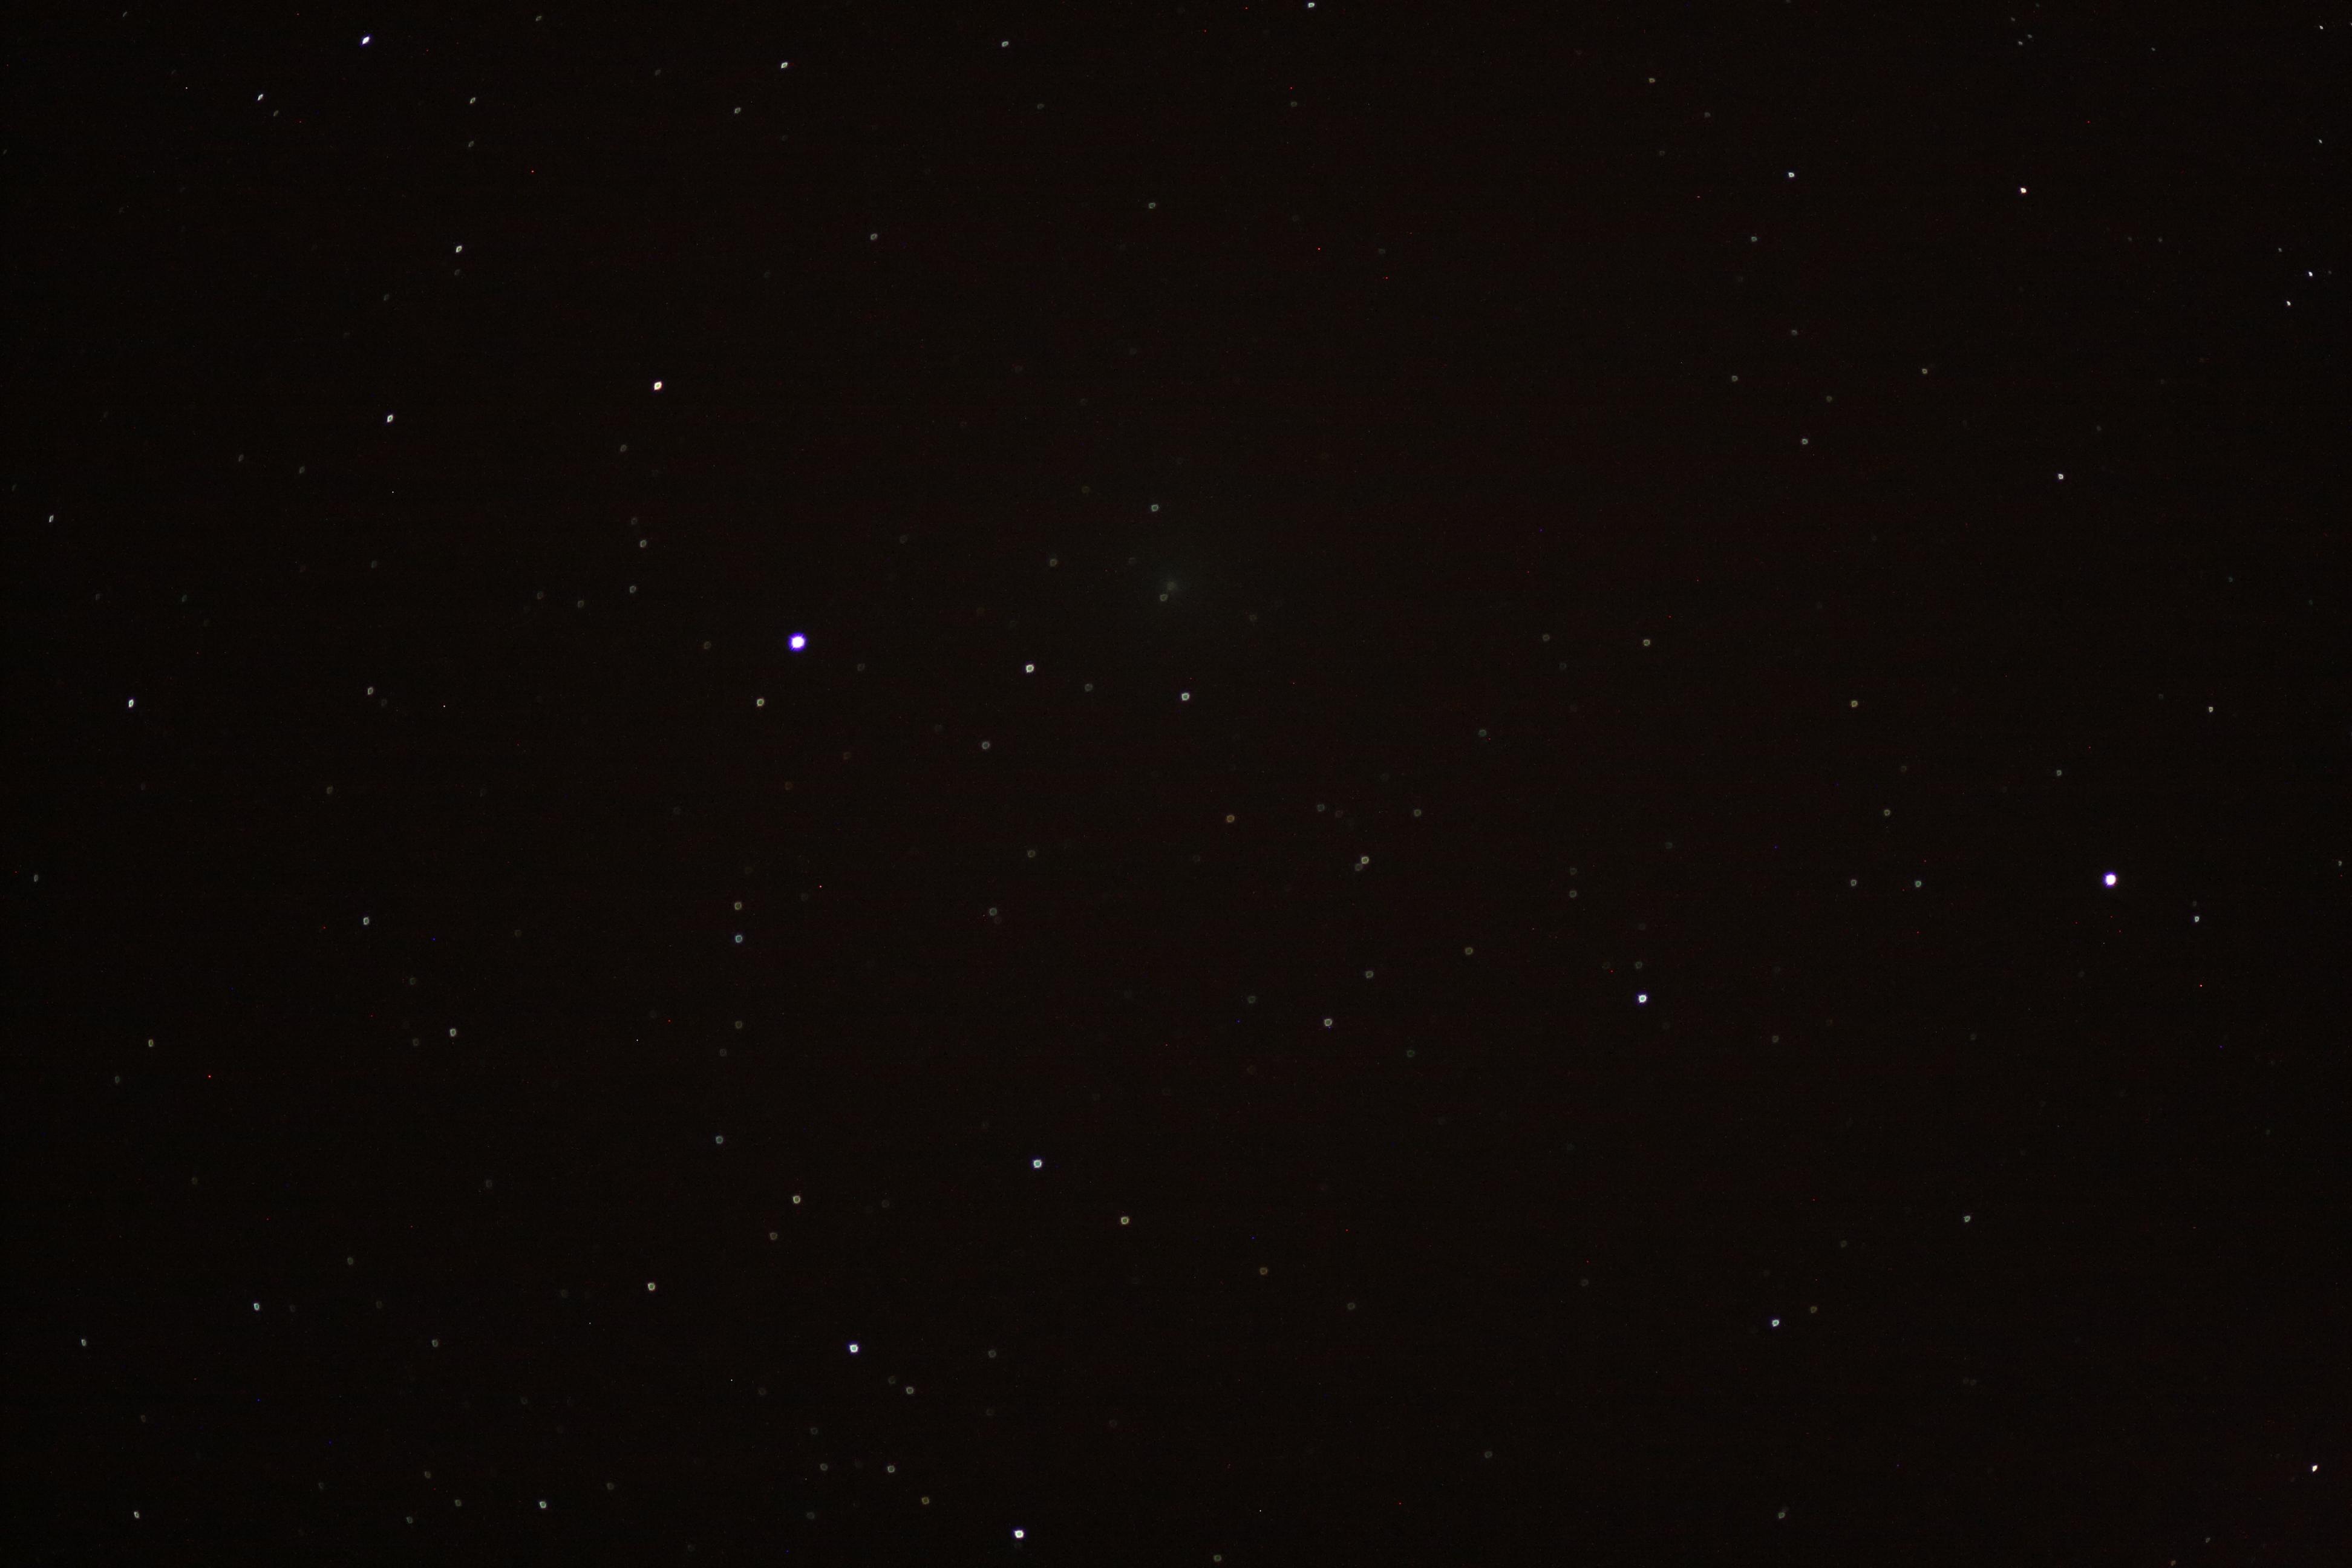 Komet 41P/Tuttle-Giacobini-Kresak vid klockan 22UT den 18.2.17. 102 mm f/7 refraktor, 60 sekunders exponering, ISO1600, Canon EOS 1000D